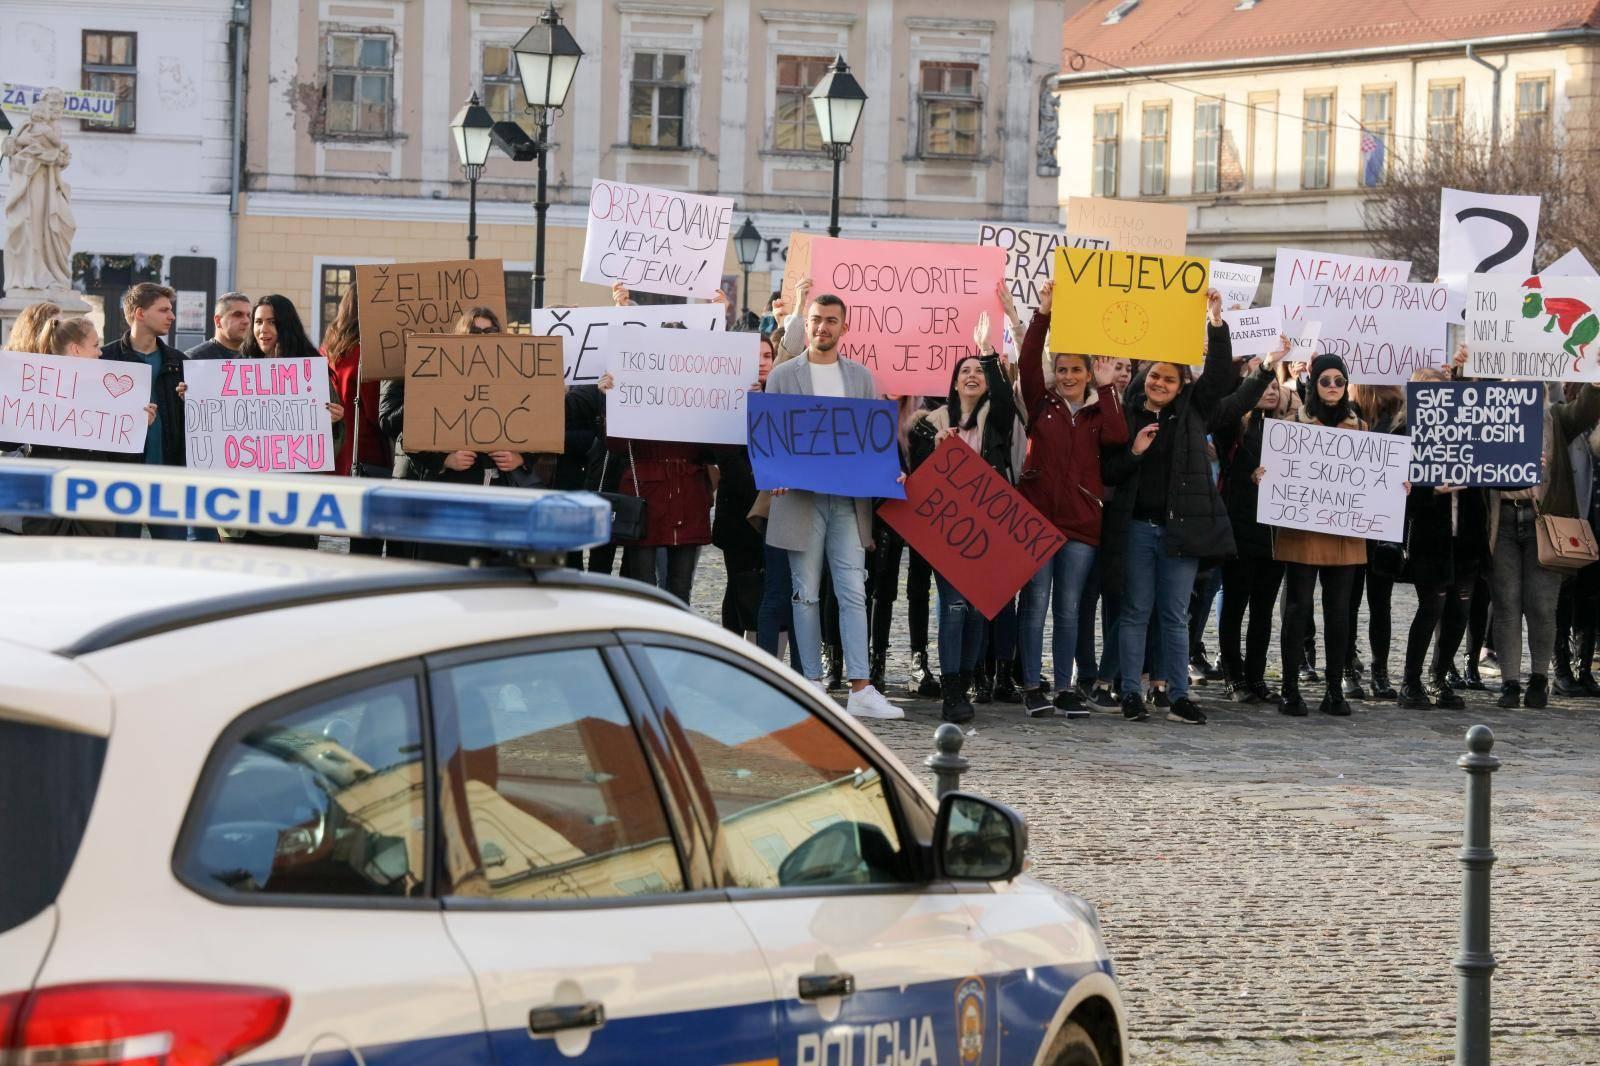 Studenti socijalnog rada u Osijeku prosvjeduju, traže diplomski studij